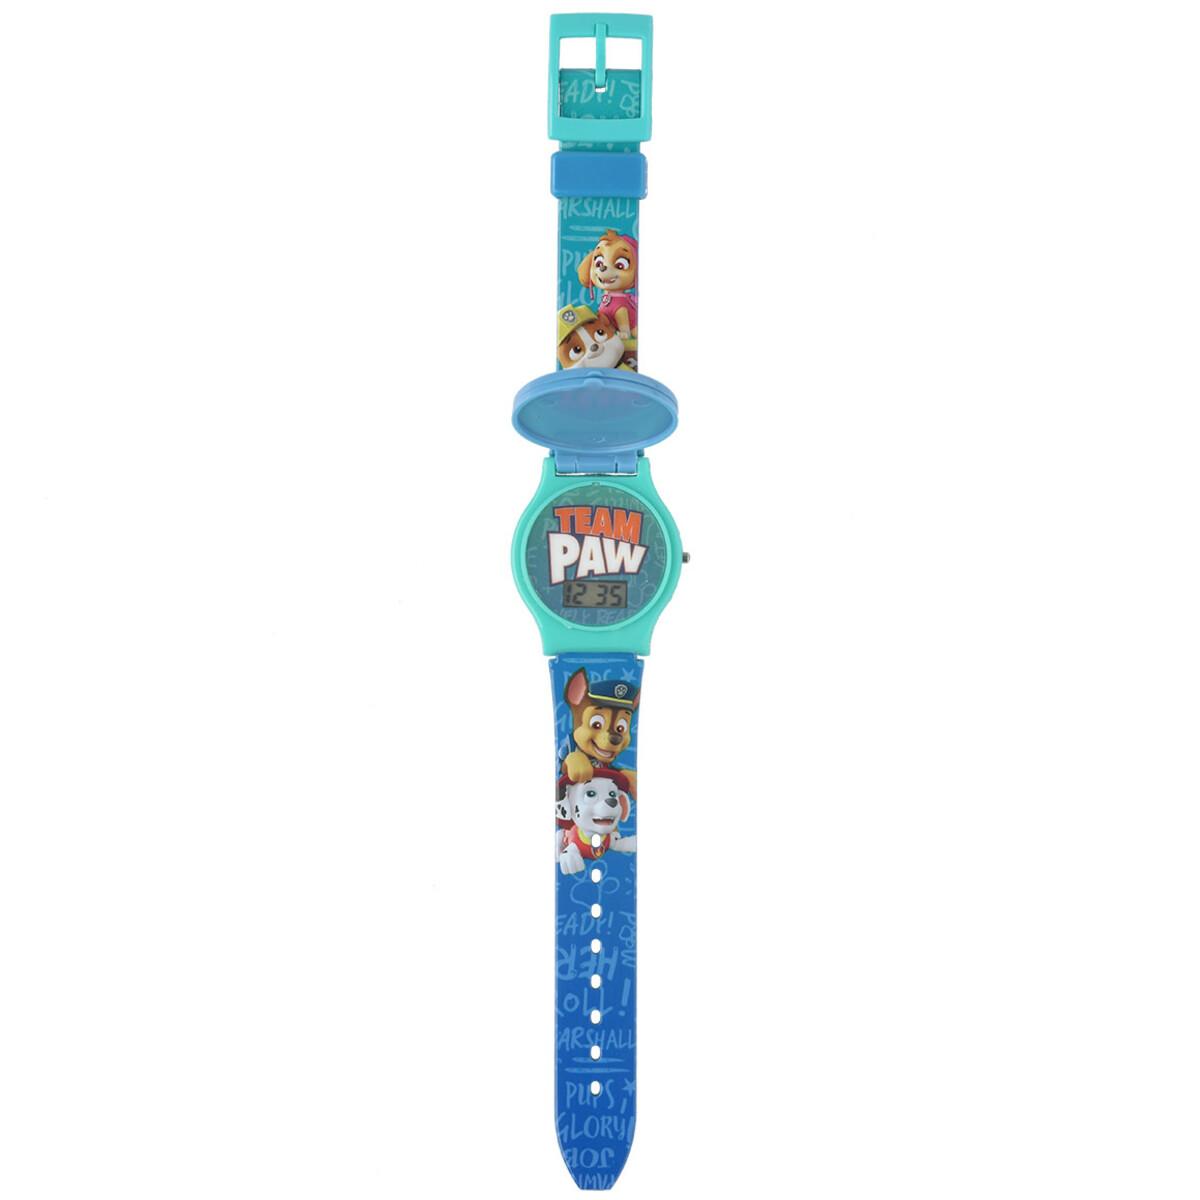 Bild 3 von PAW Patrol Uhr